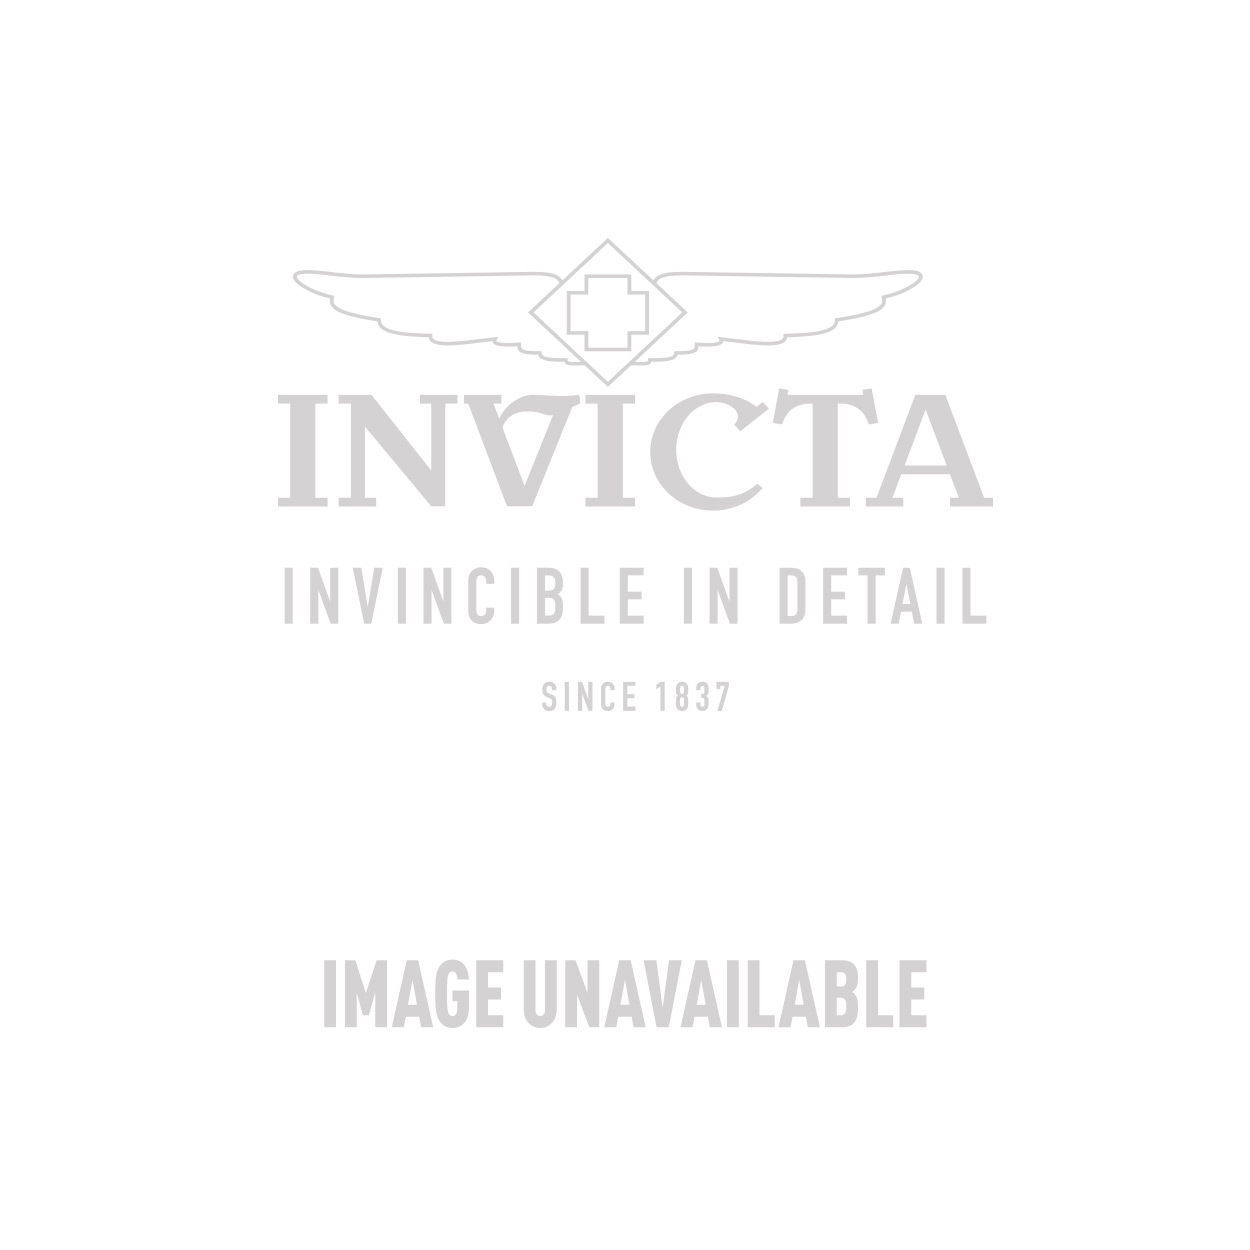 Invicta Model 29615